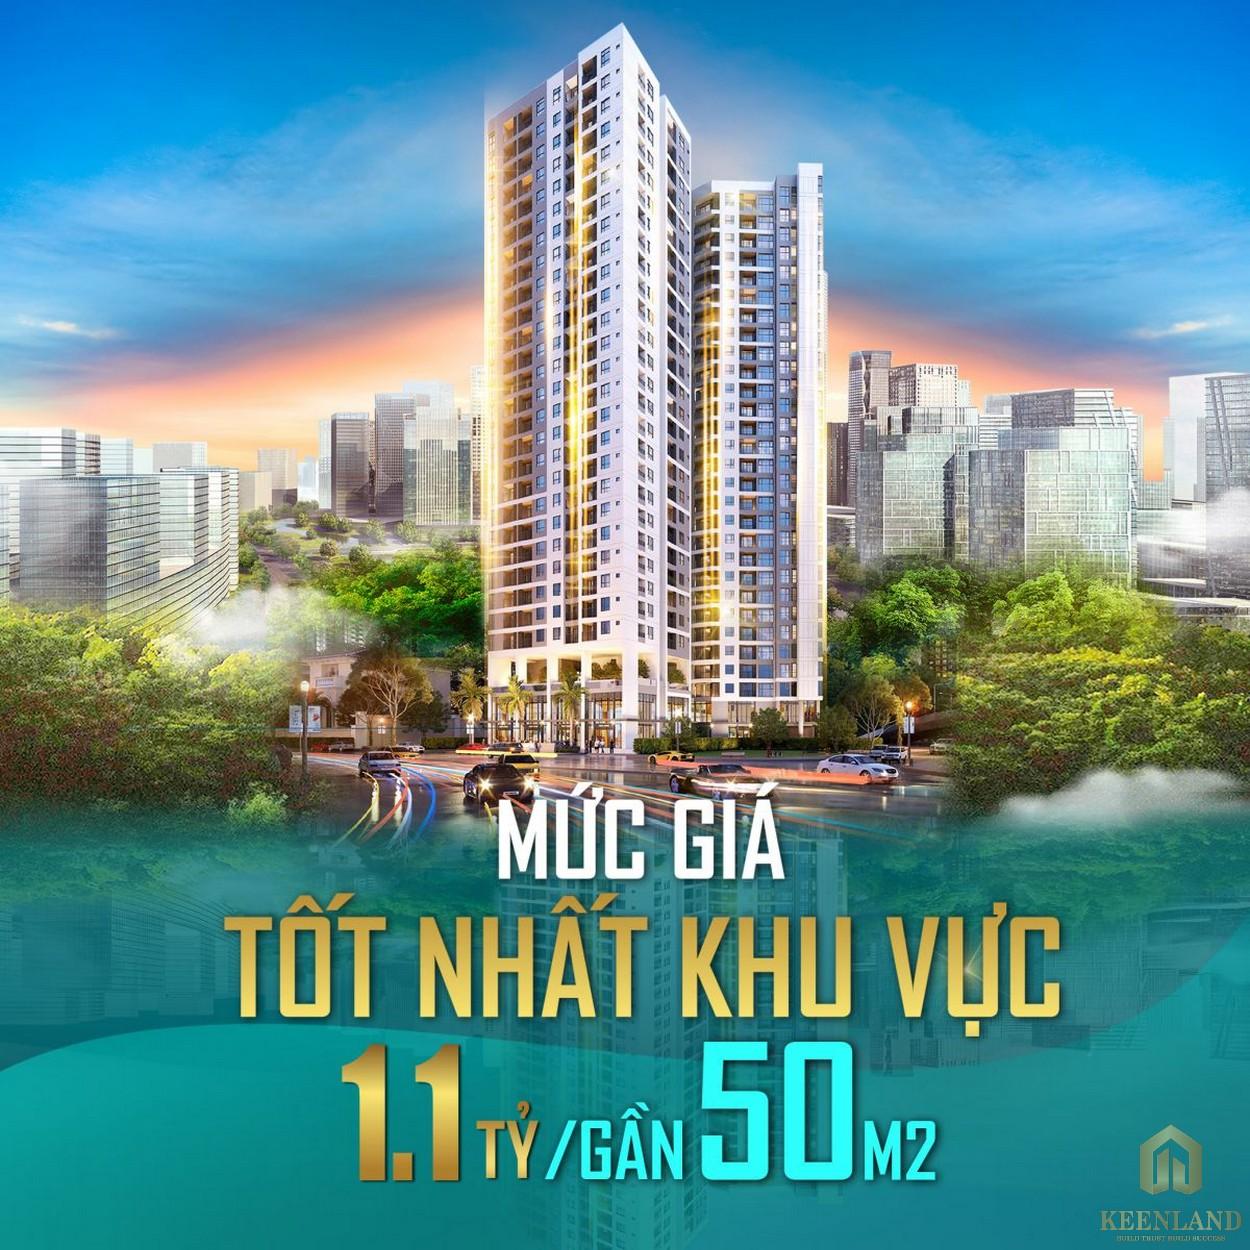 Dự án căn hộ Honas Residence với mức giá cạnh tranh nhất hiện nay